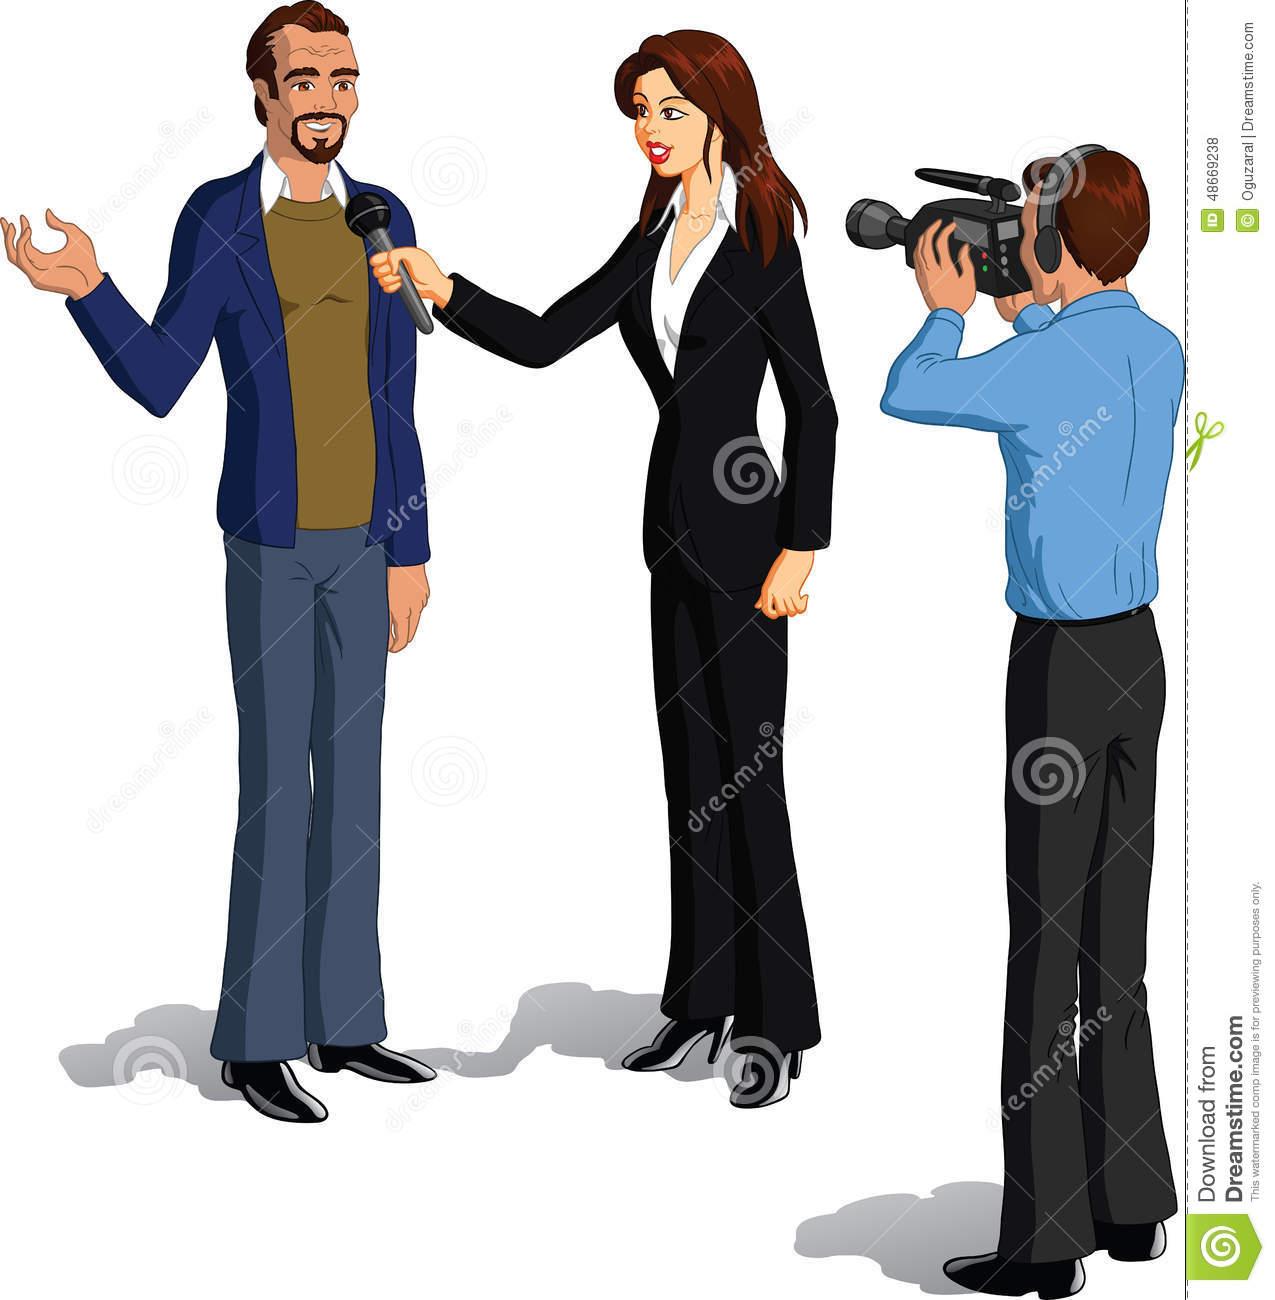 journalist%20clipart